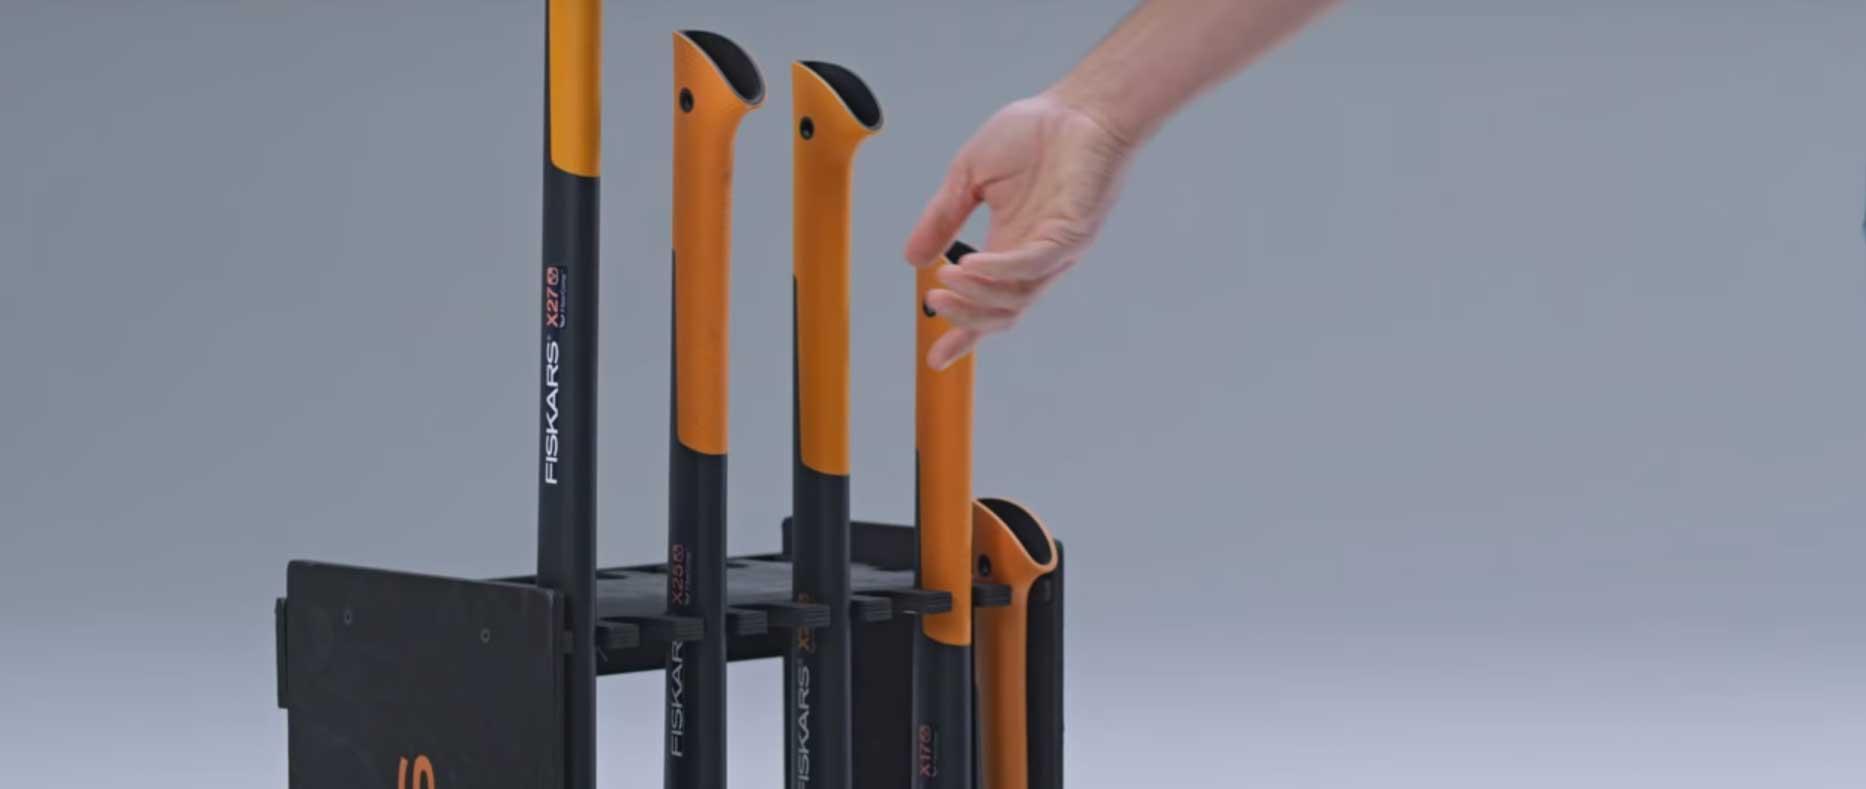 Jak wybrać odpowiedni rozmiar siekiery do łupania drewna?